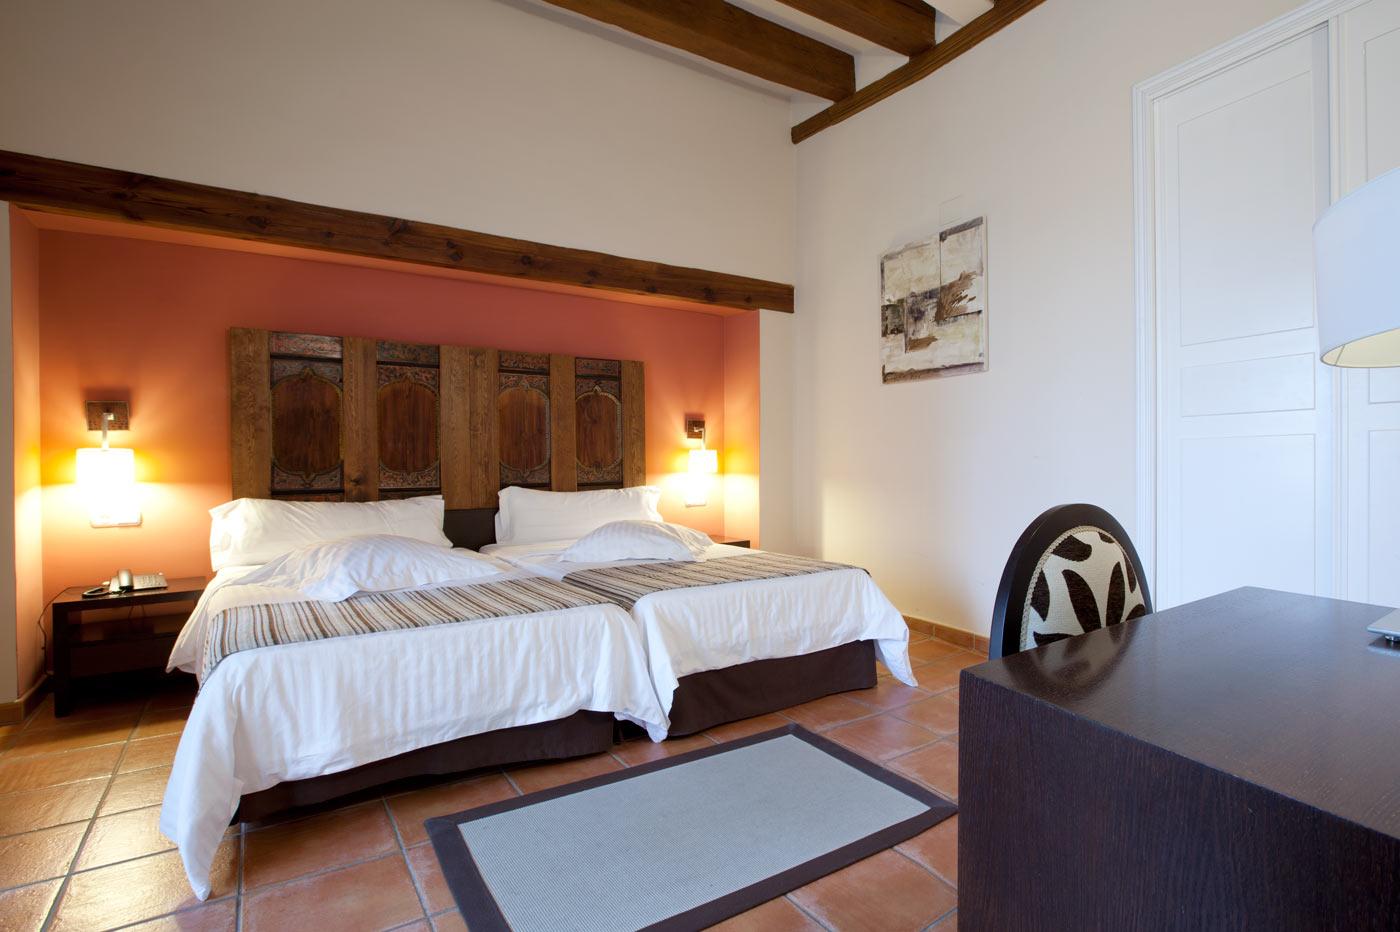 Hotel Convento del Giraldo   Cuenca   Mejor precio - Web Oficial